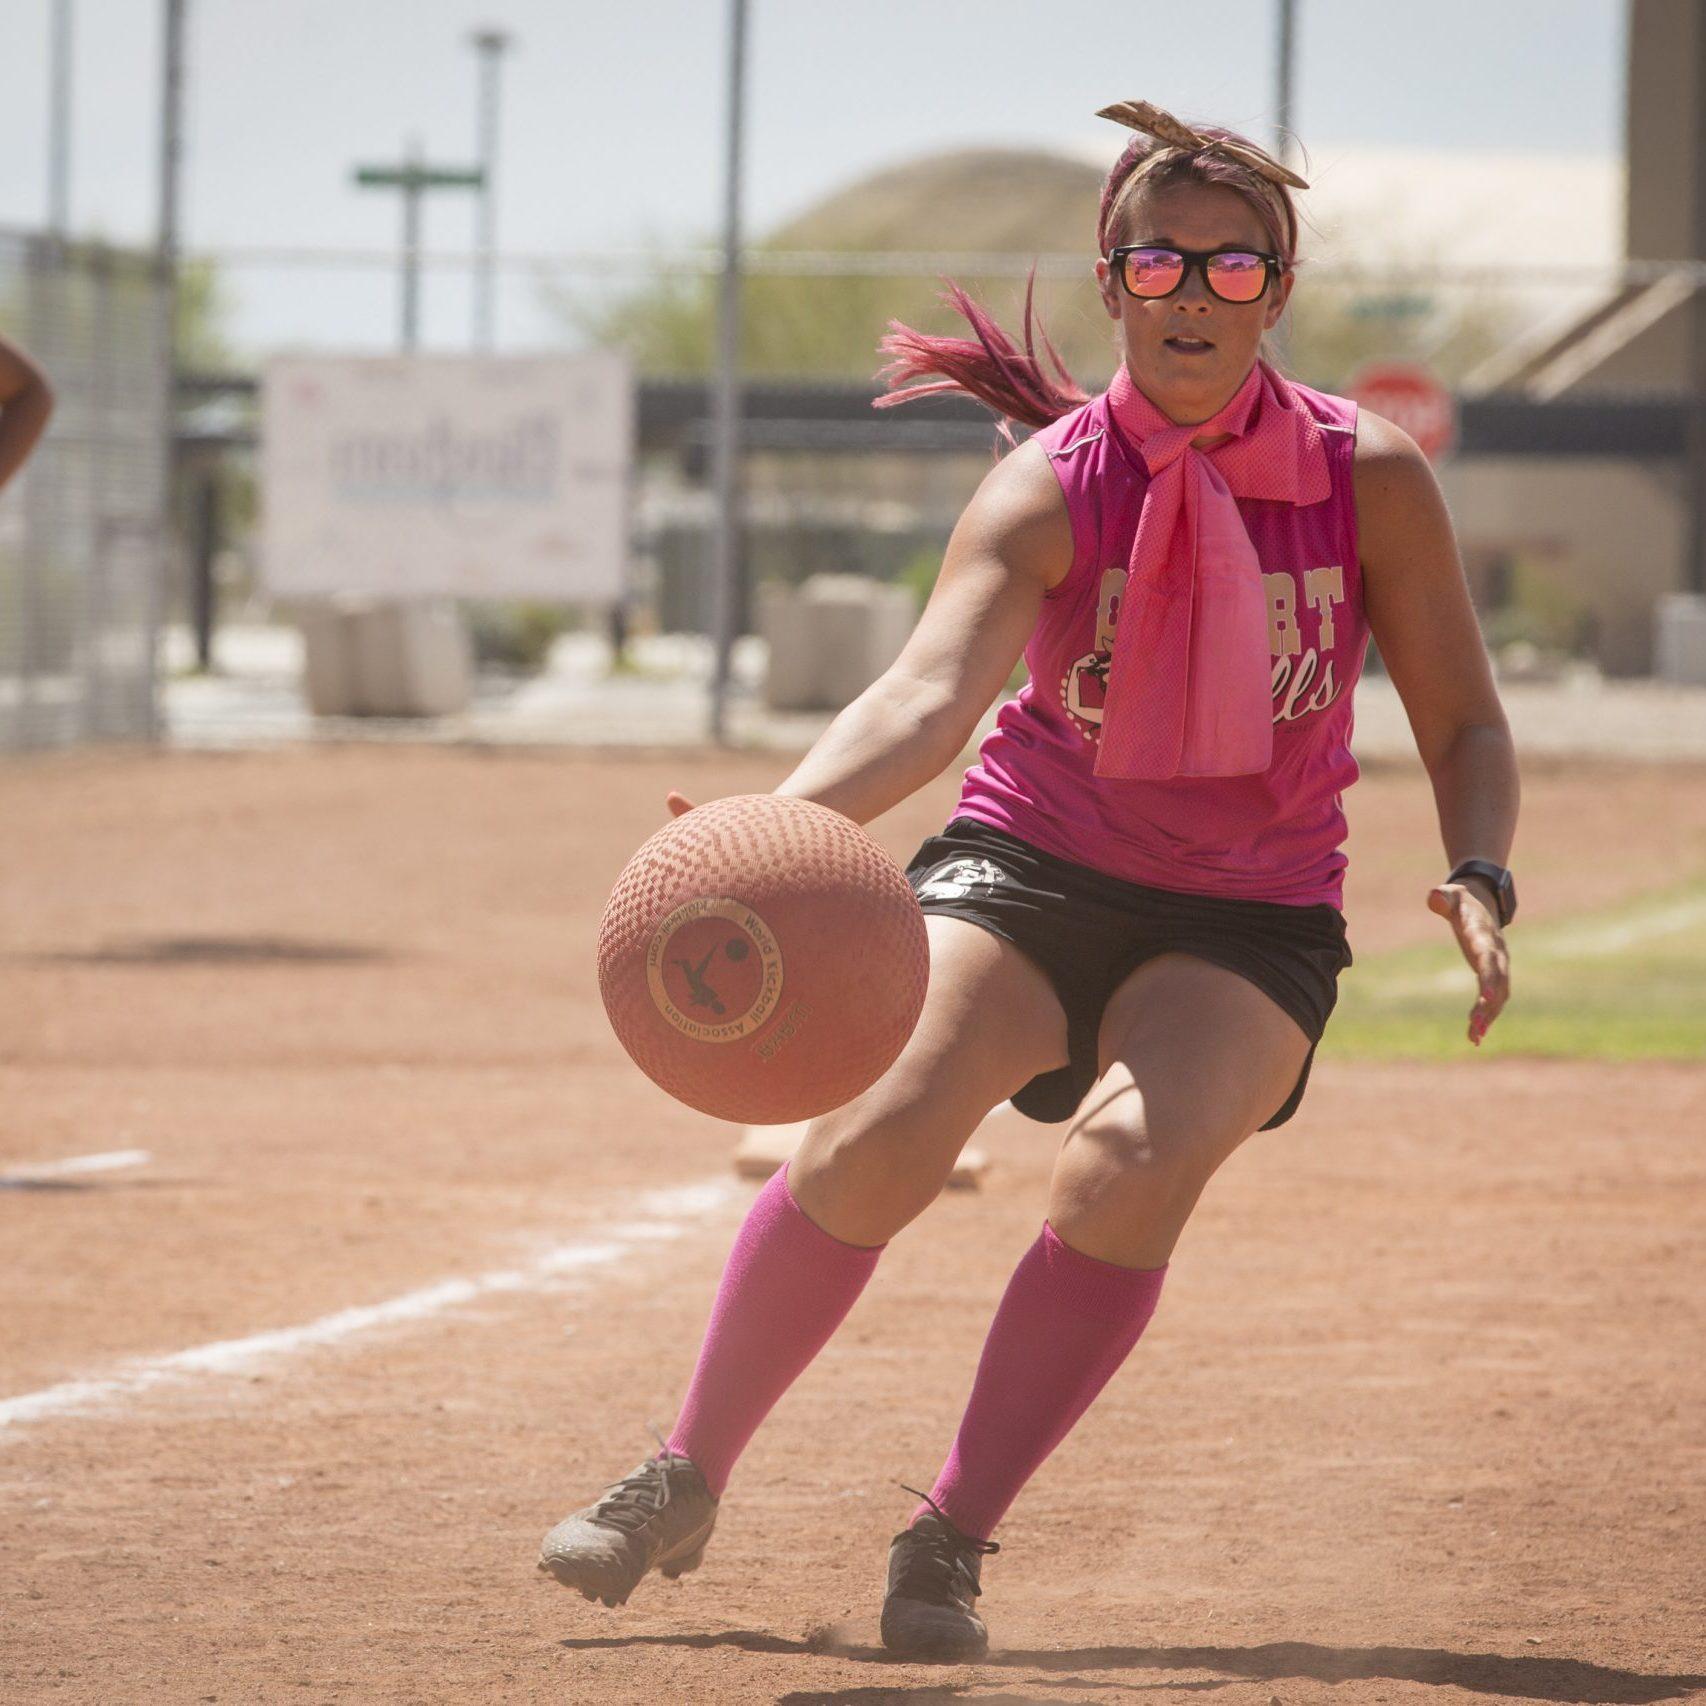 Woman catching a kickball